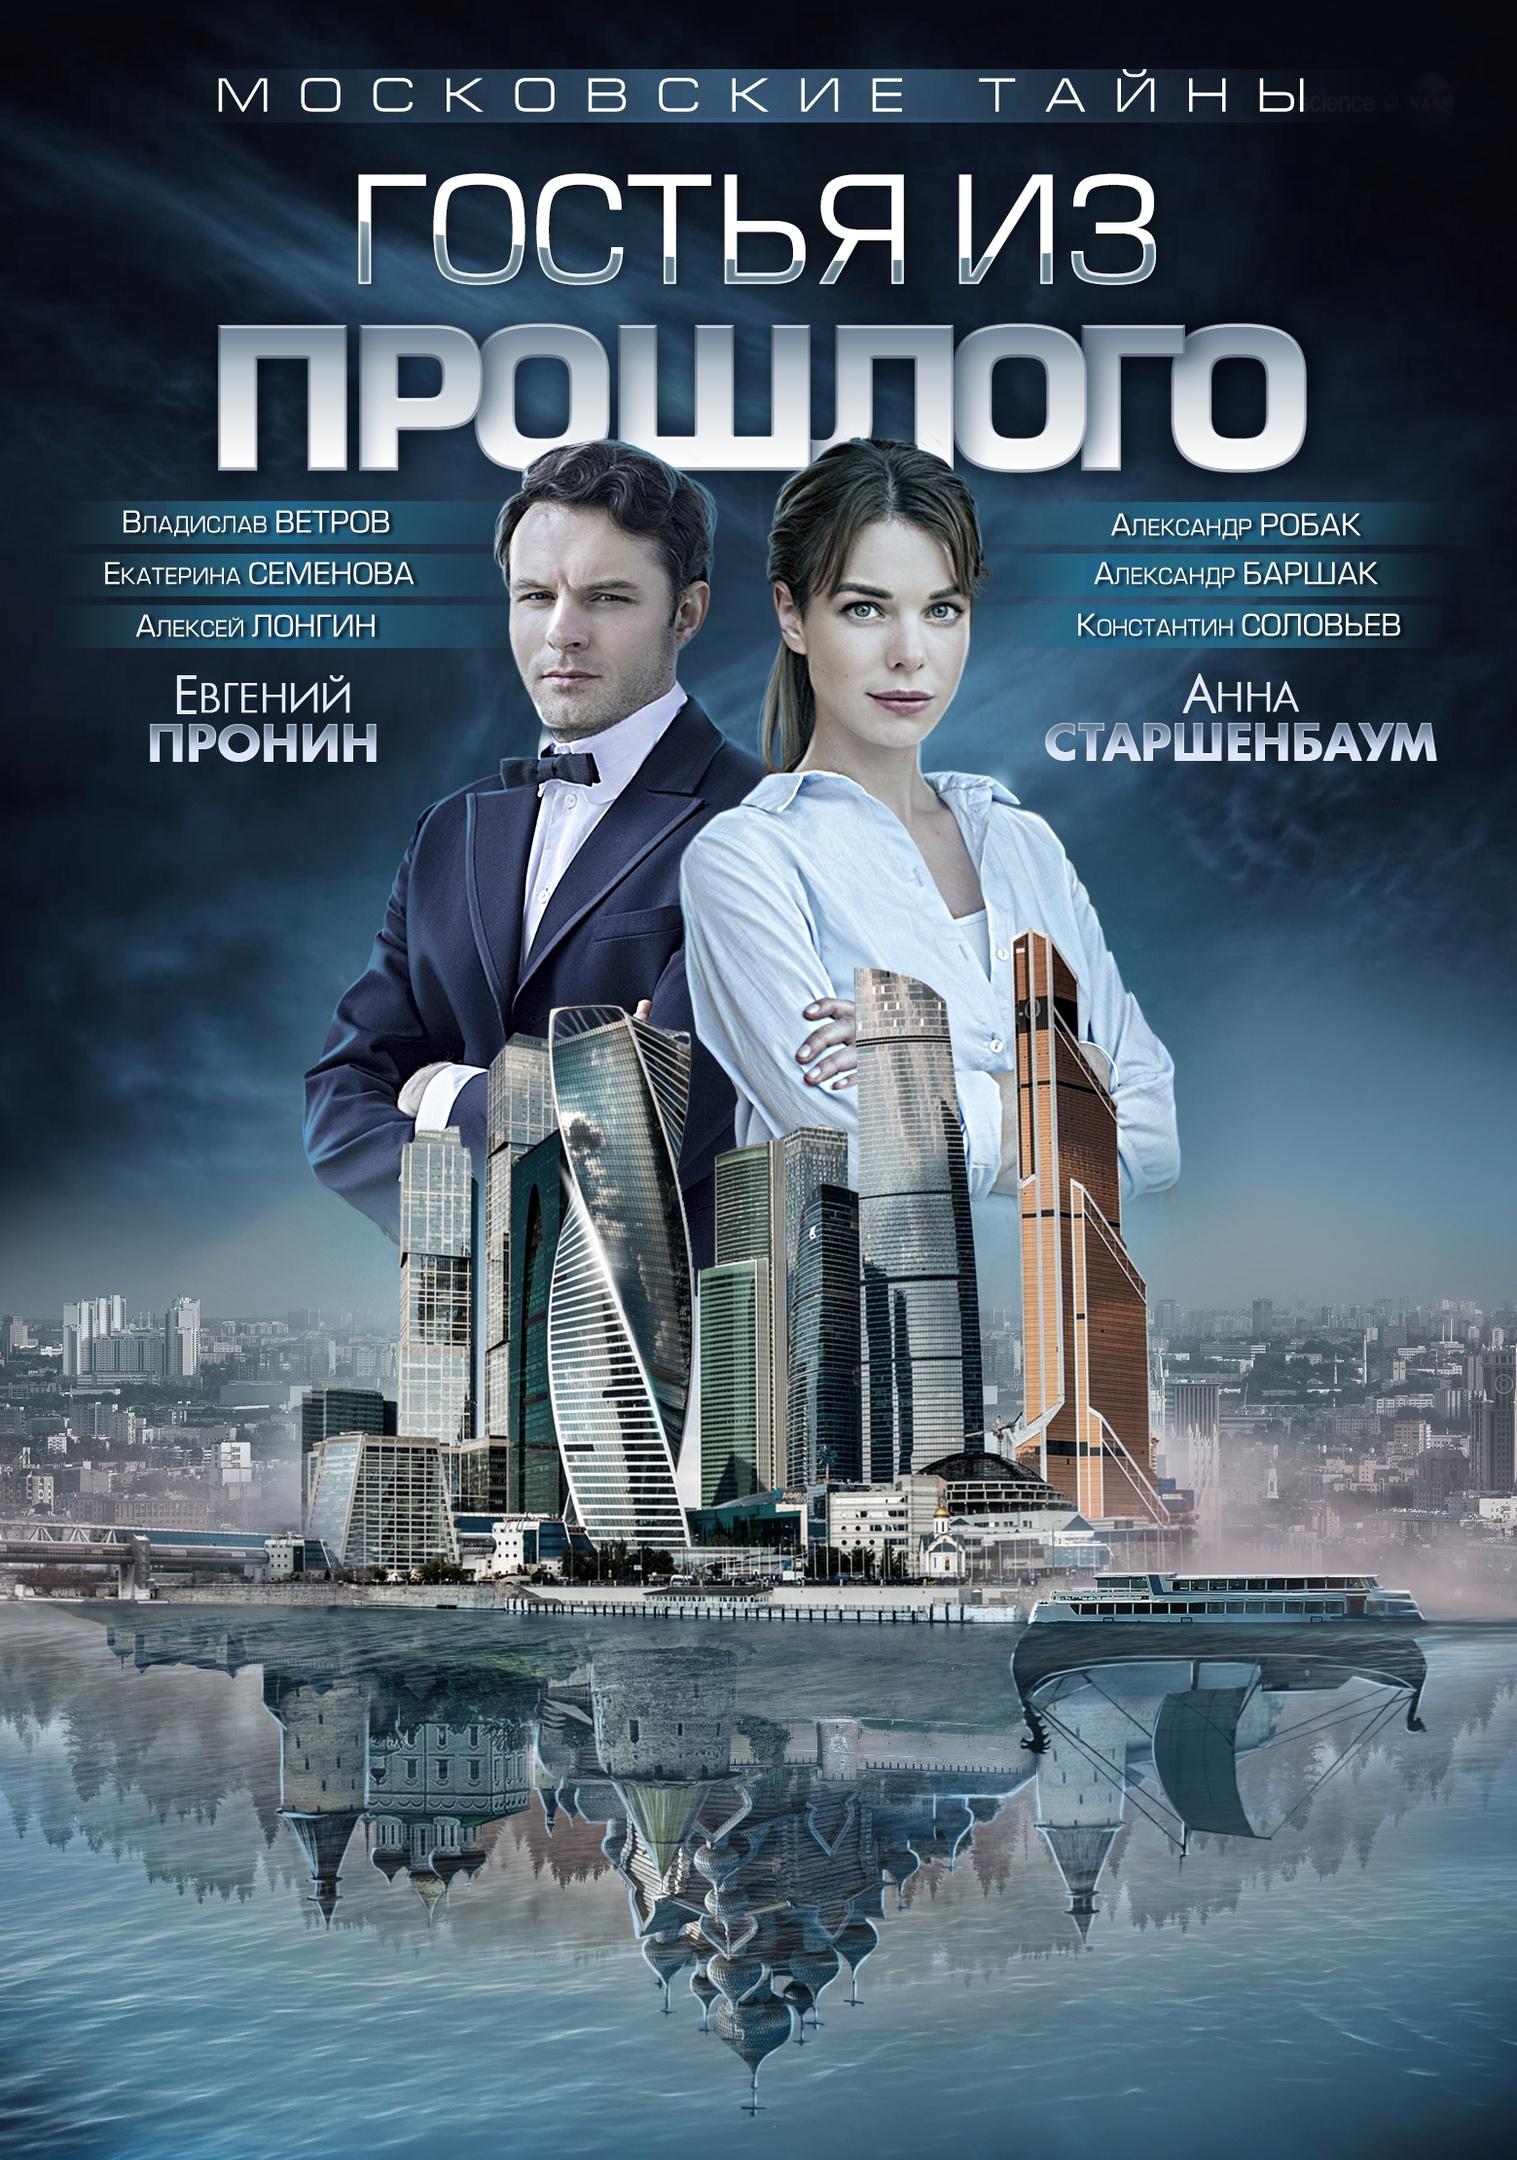 Детектив «Московские тайны.